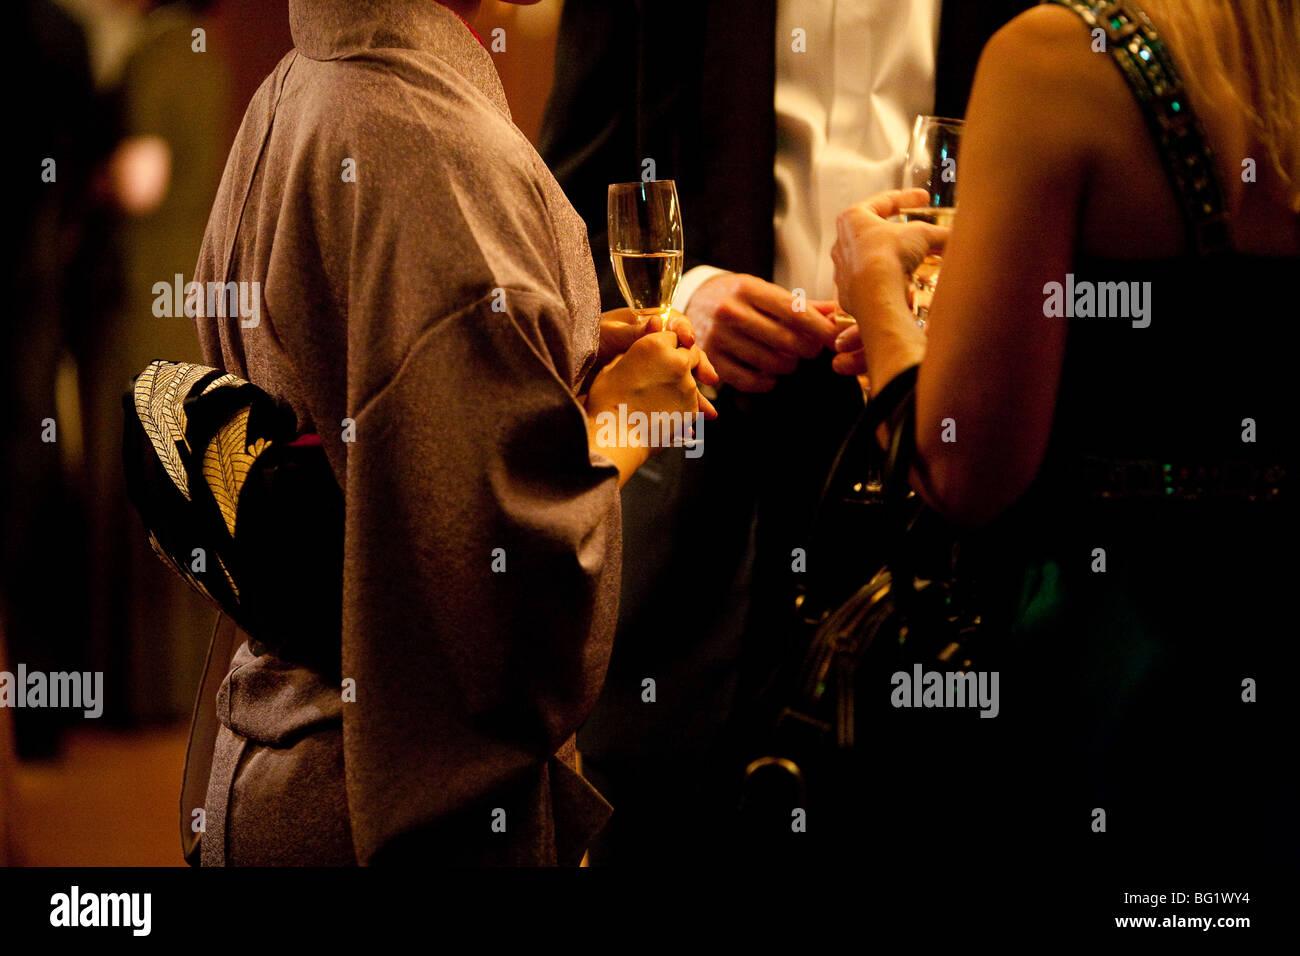 Mujer japonesa en kimono beber champán con la mujer en el vestido de estilo occidental, y el hombre en black Imagen De Stock